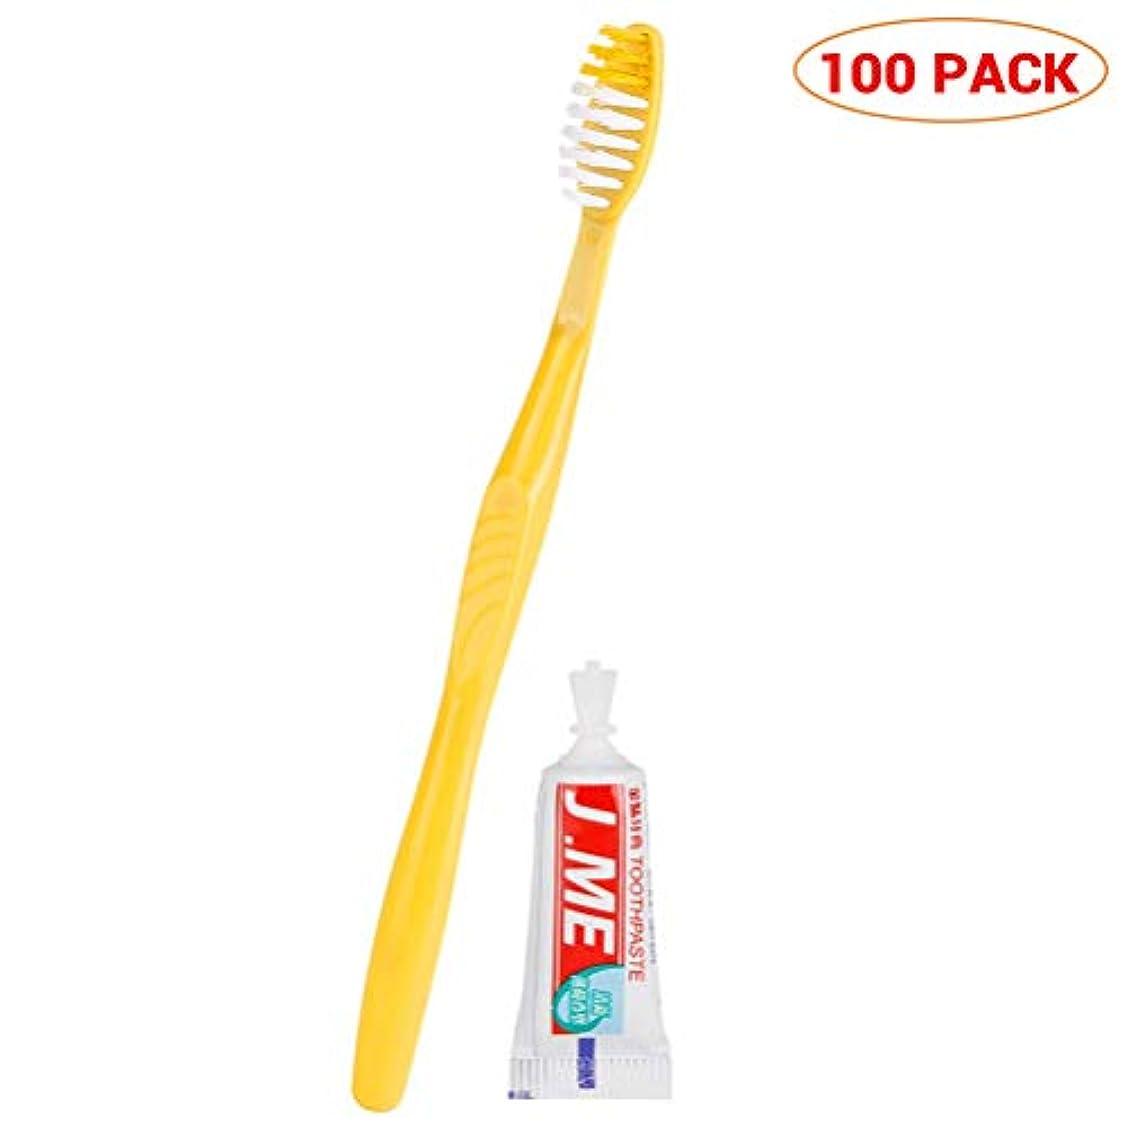 無効にする徒歩で潜在的なCreacom 歯ブラシセット 歯ぶらし 使い捨て コンパクト 透明素材 清潔 軽量 携帯便利 キャップ 旅行出張に最適 ホテル 旅館 業務用 家族用 100 Set